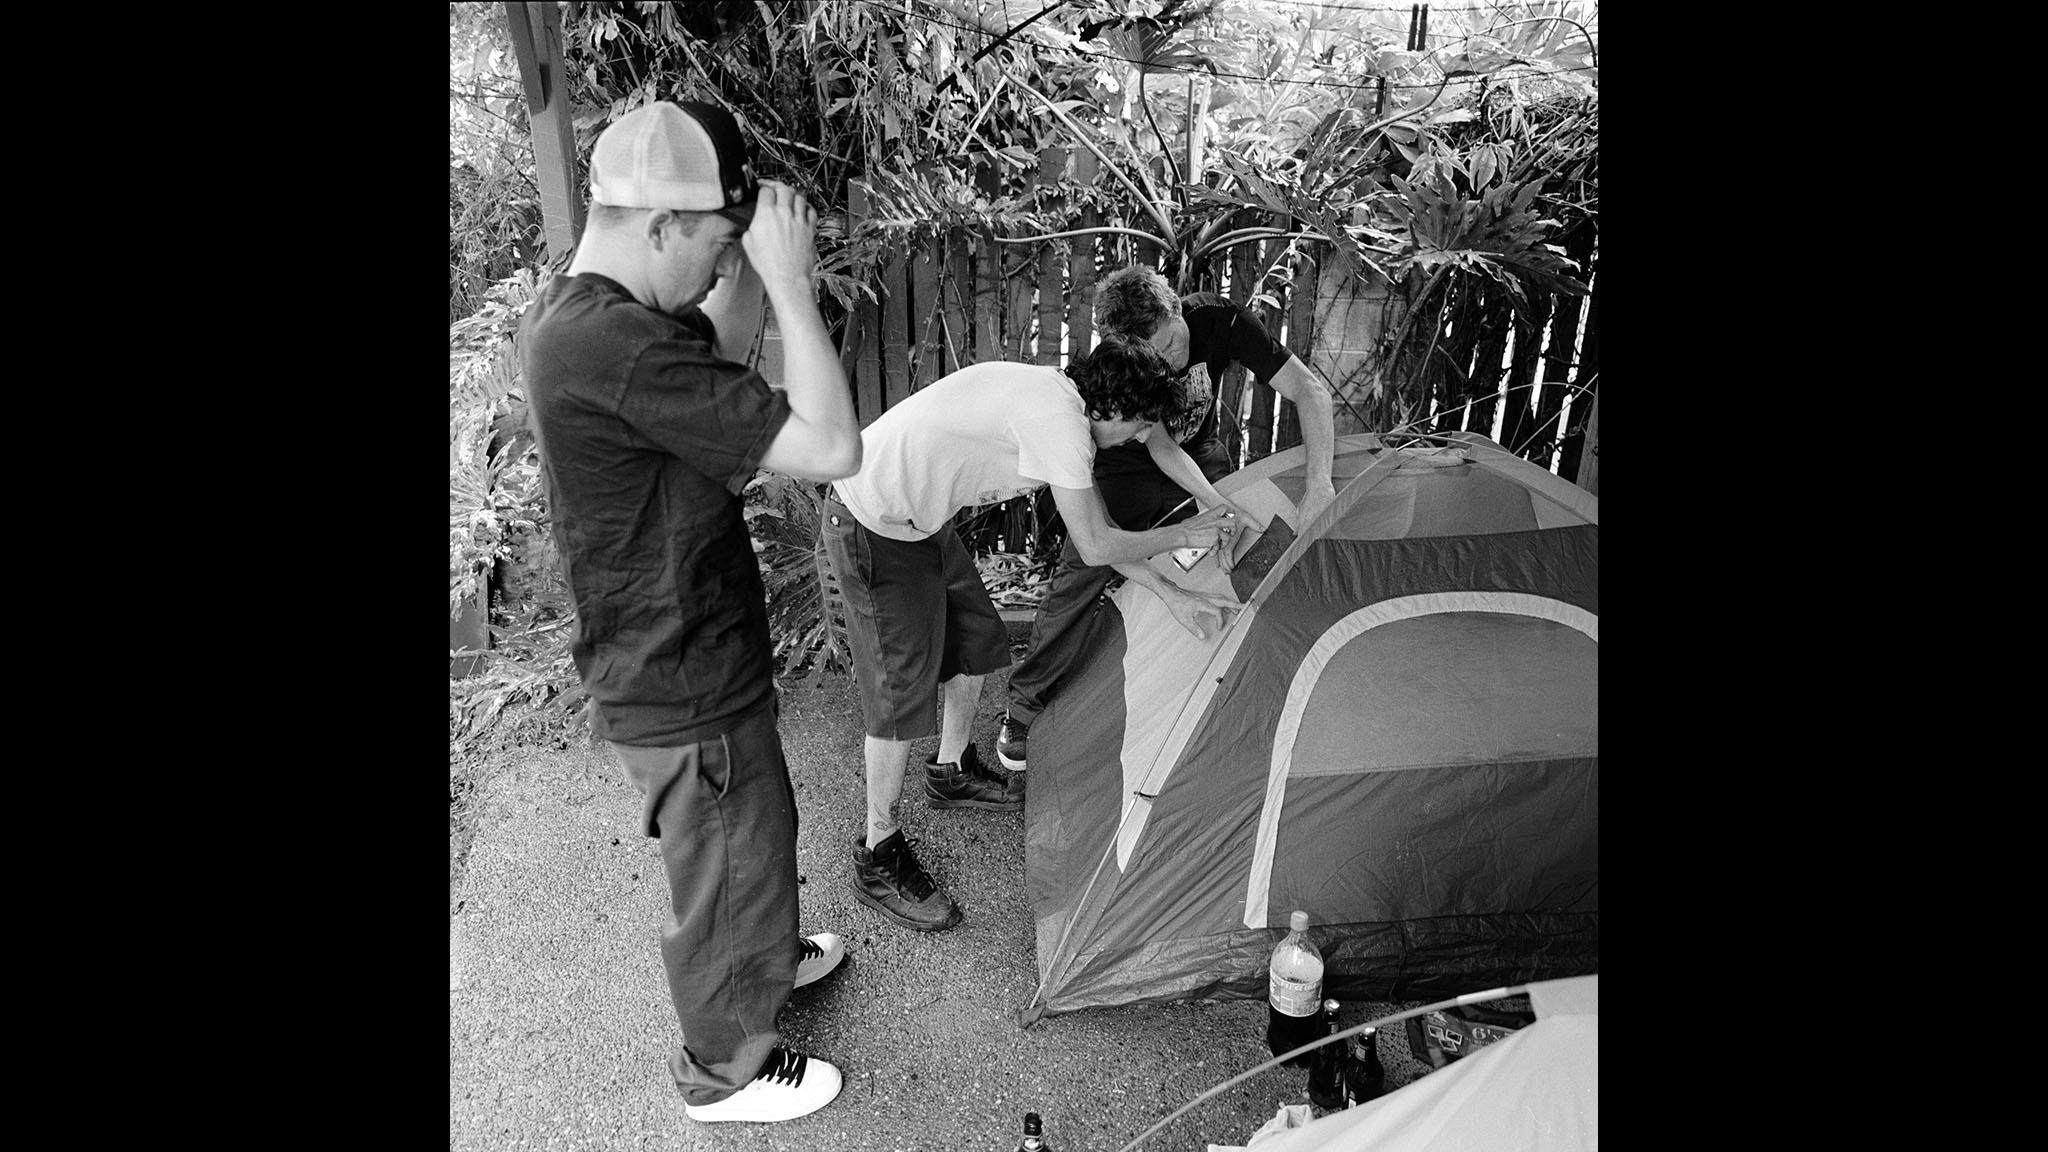 Tent alterations